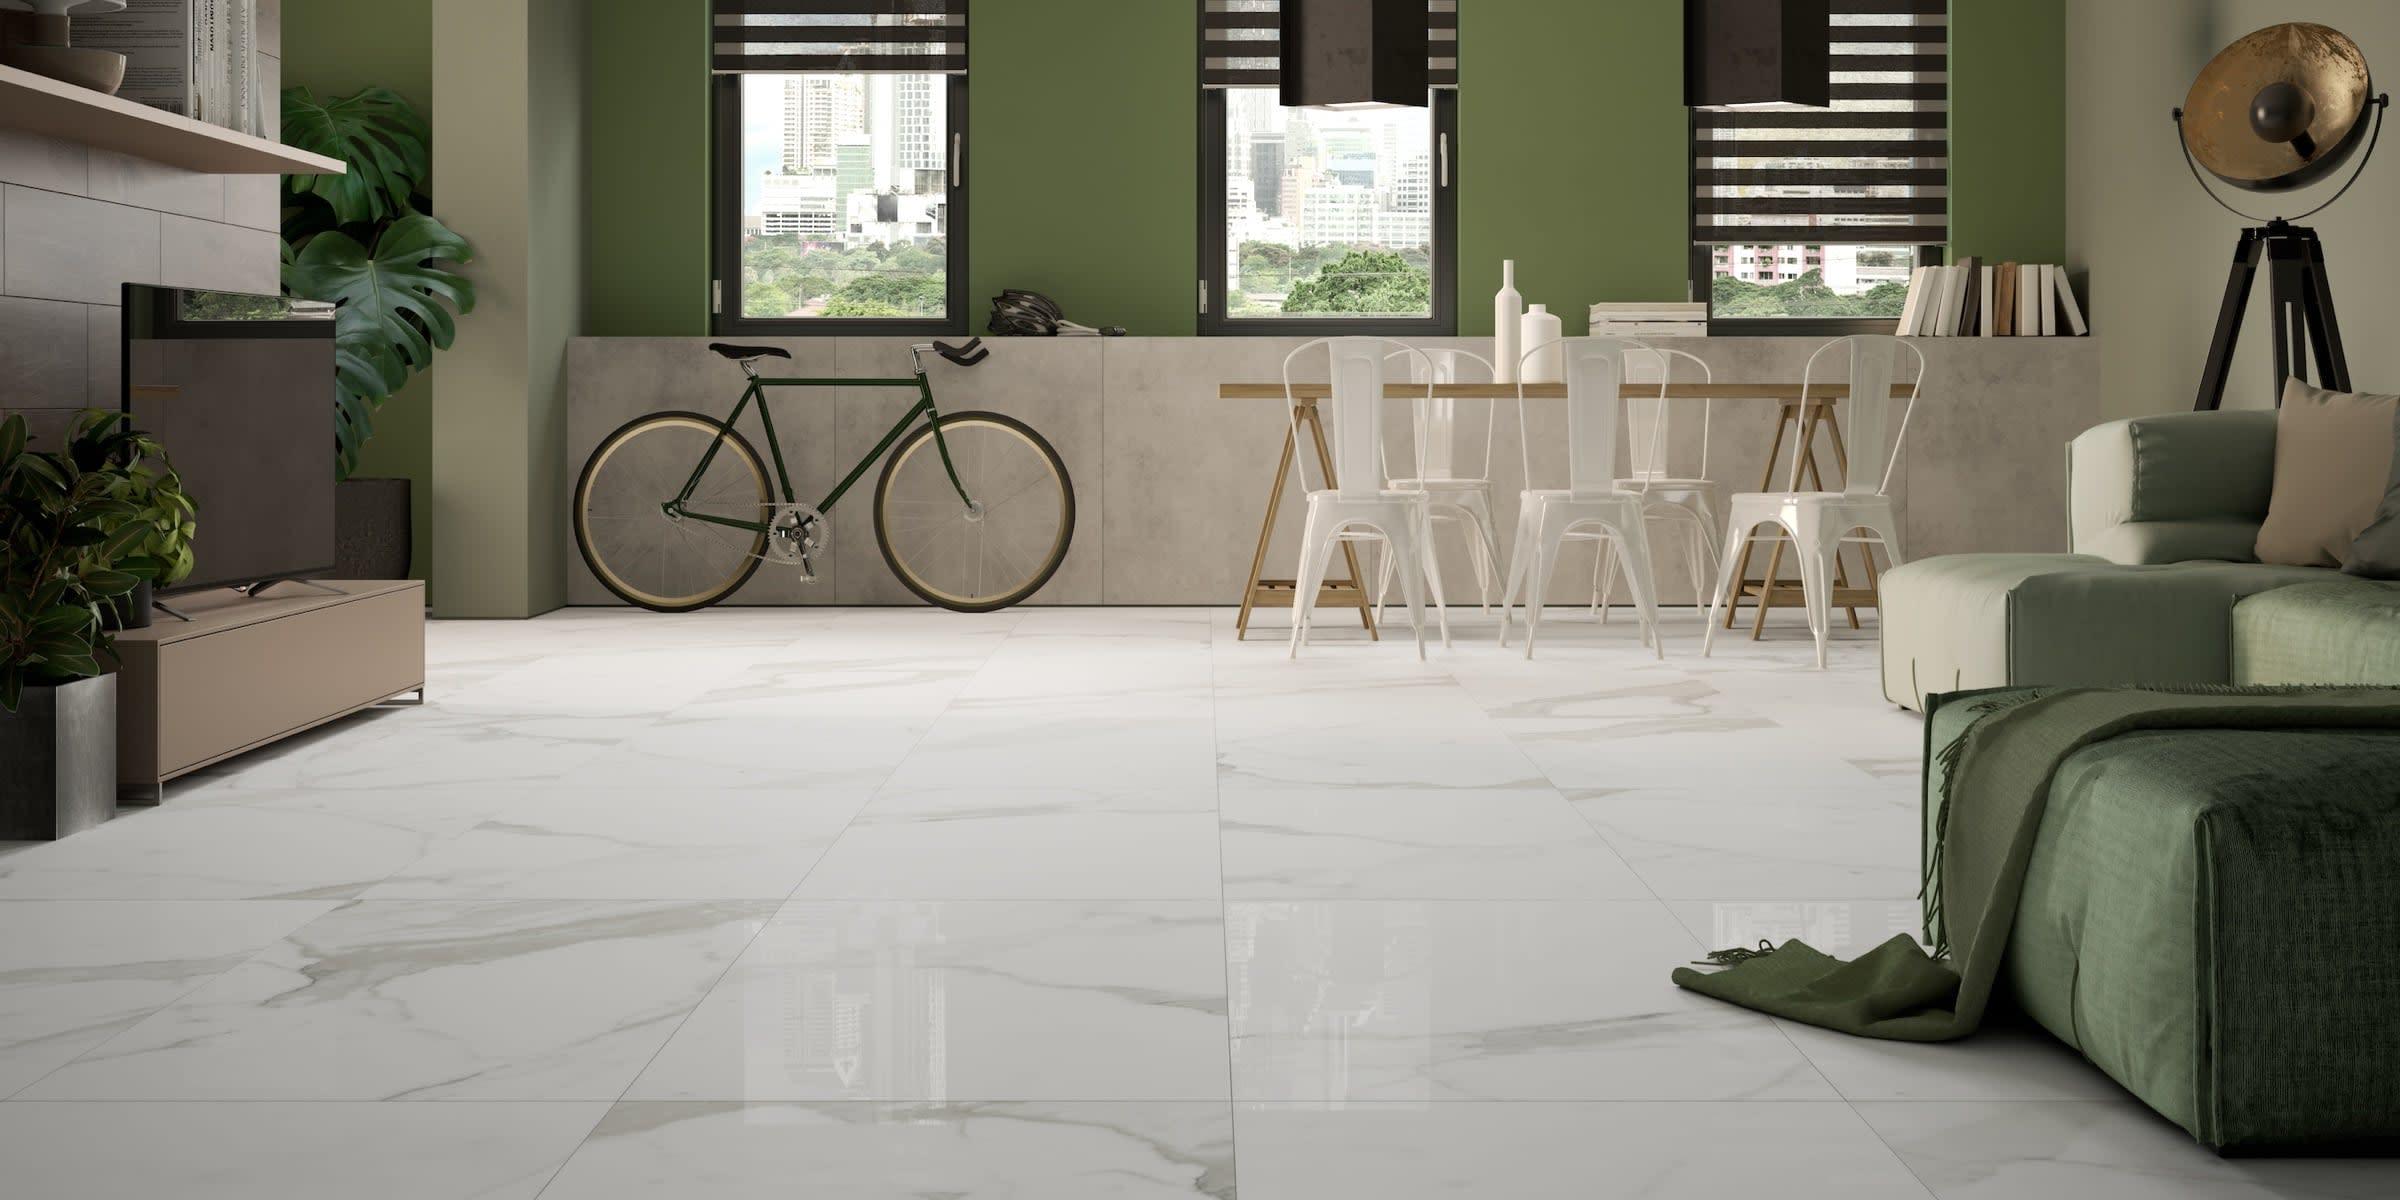 pavimento gres effetto marmo